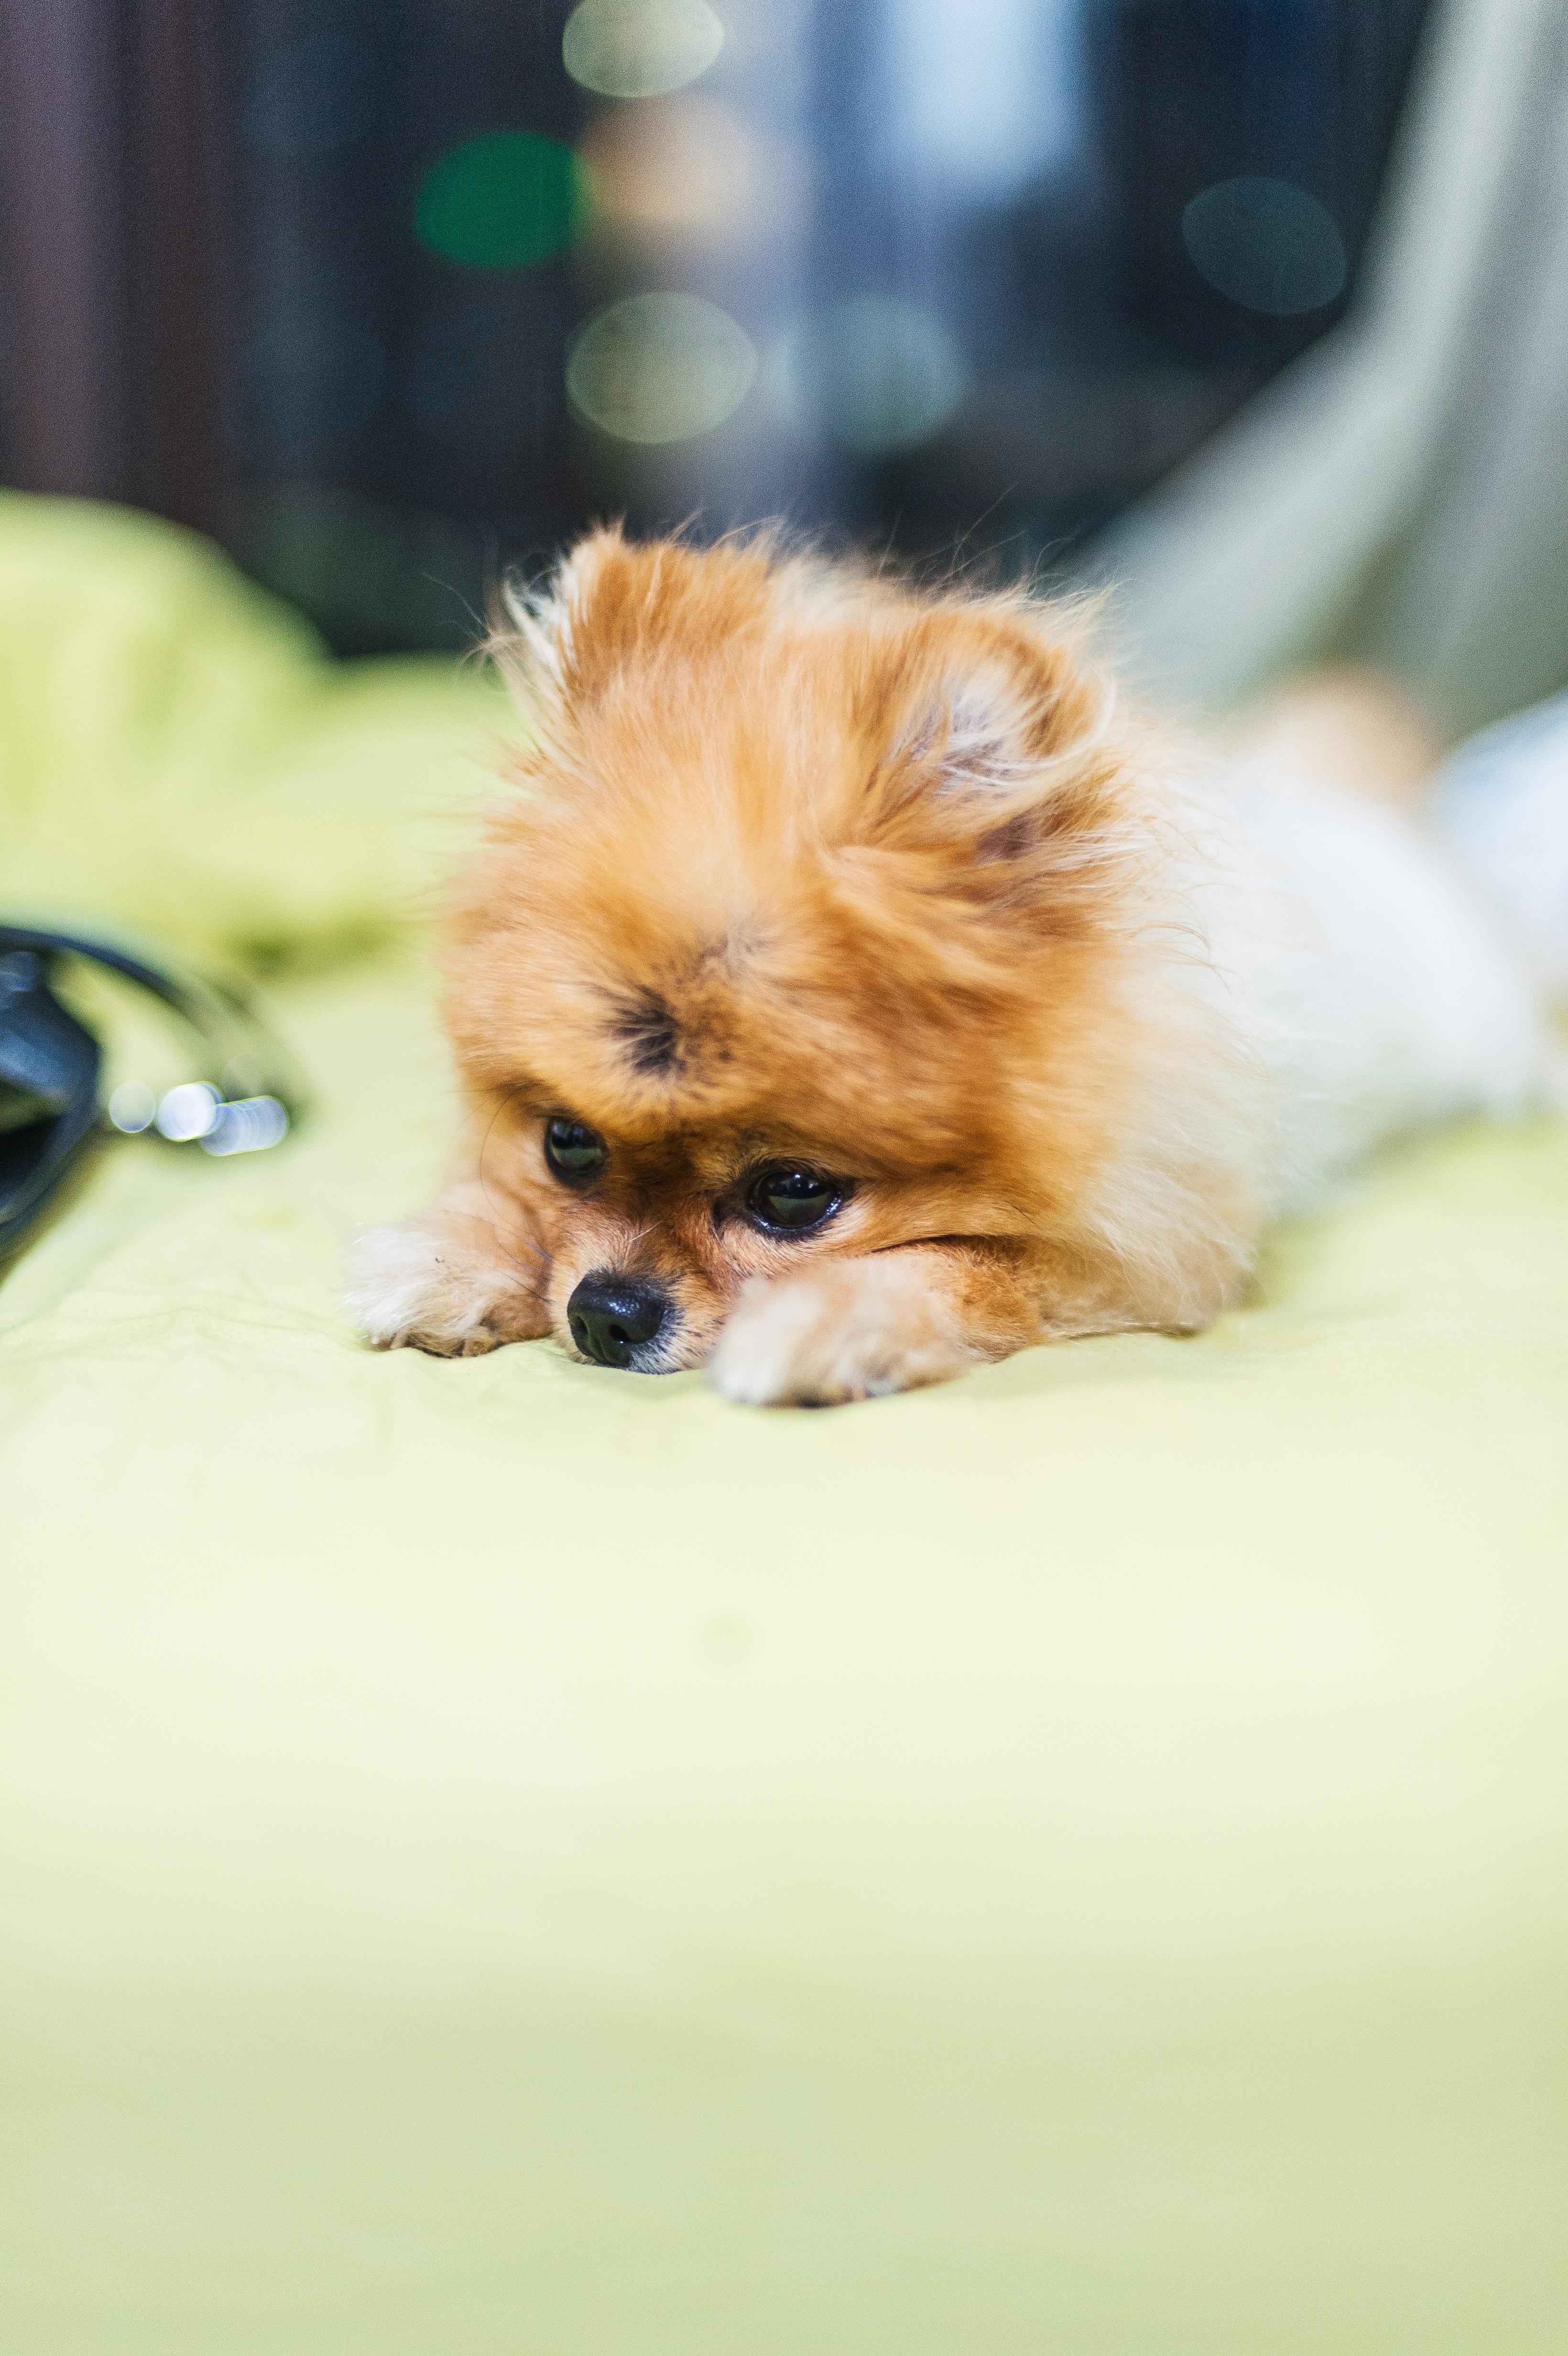 犬の肥満細胞腫を徹底解説!犬の病気を正しく知ろう